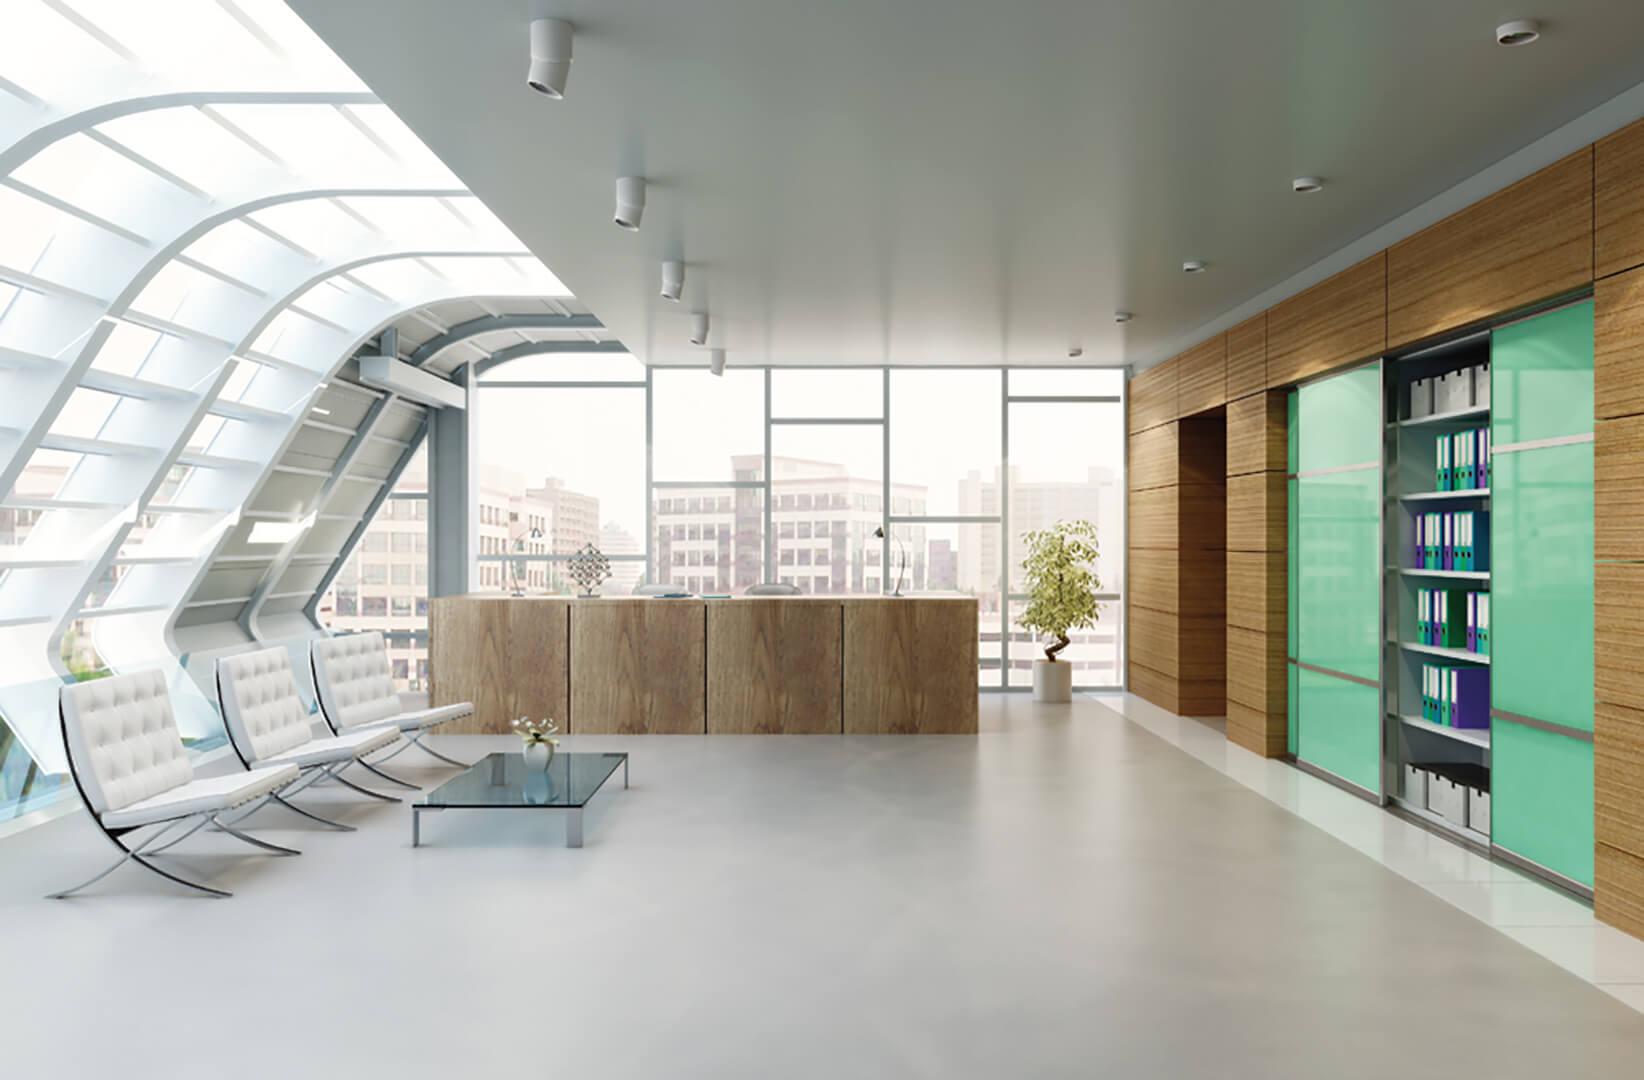 Nowoczesna szafa na wymiar z zielonymi szklanymi drzwiami przesuwnymi w nowoczesnym oszklonym biurze